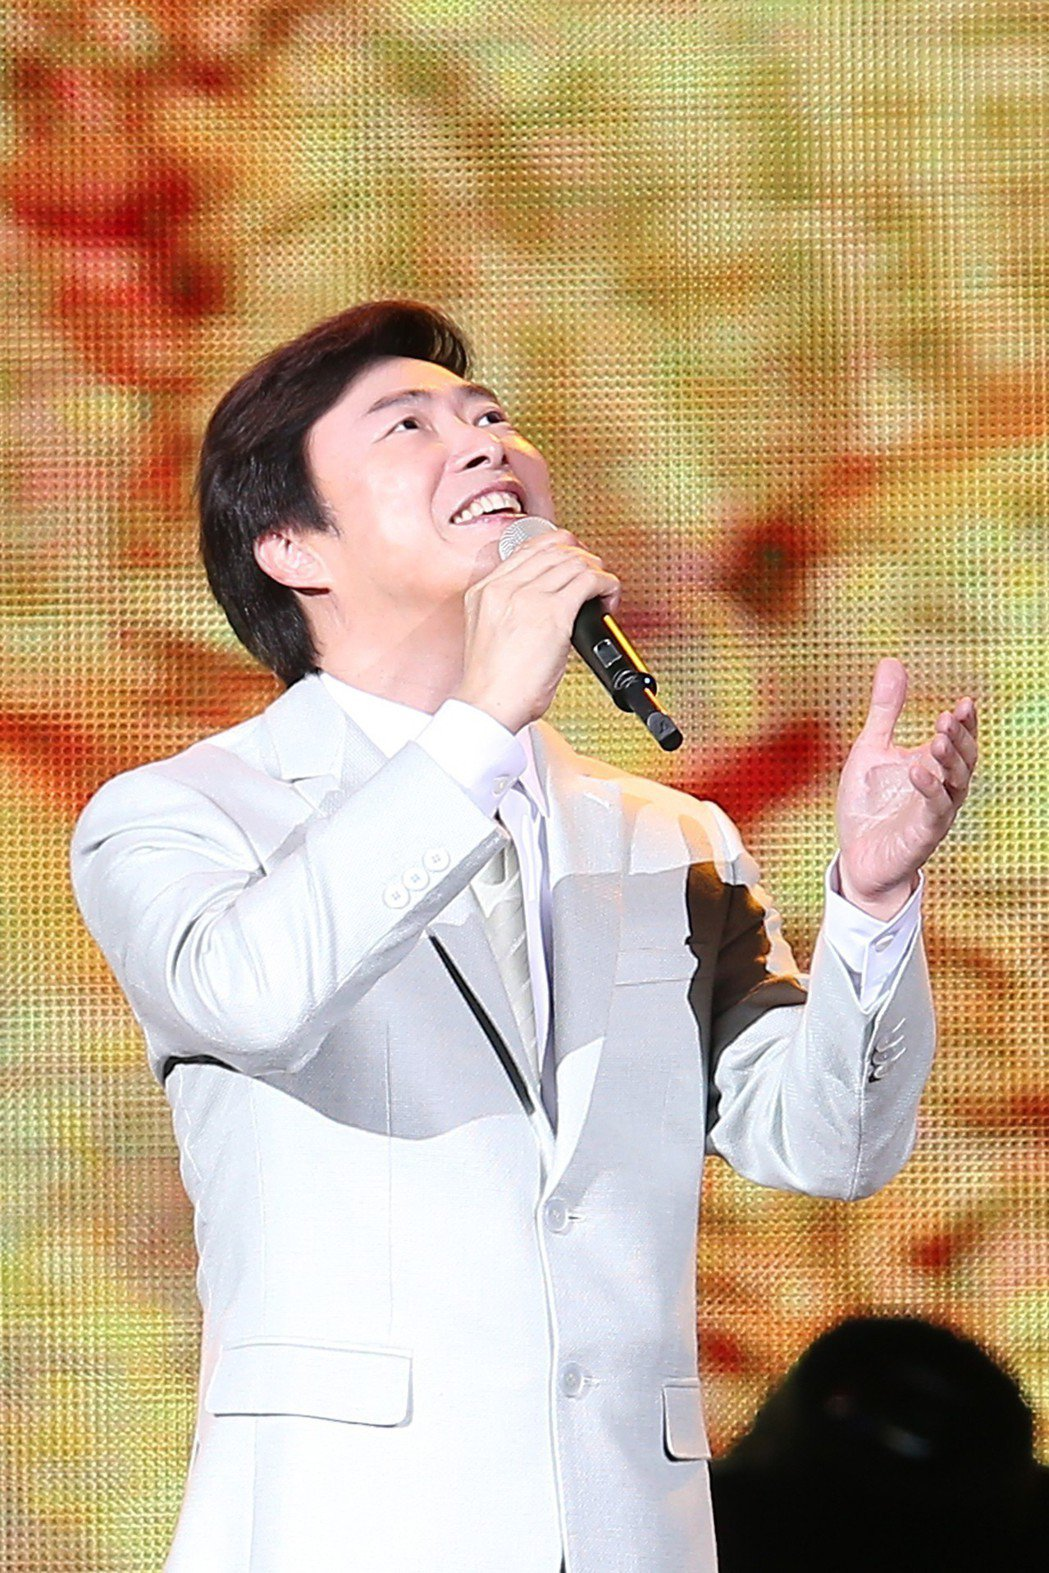 費玉清去年攻蛋開唱,明年將辦引退演唱會。圖/寬宏提供